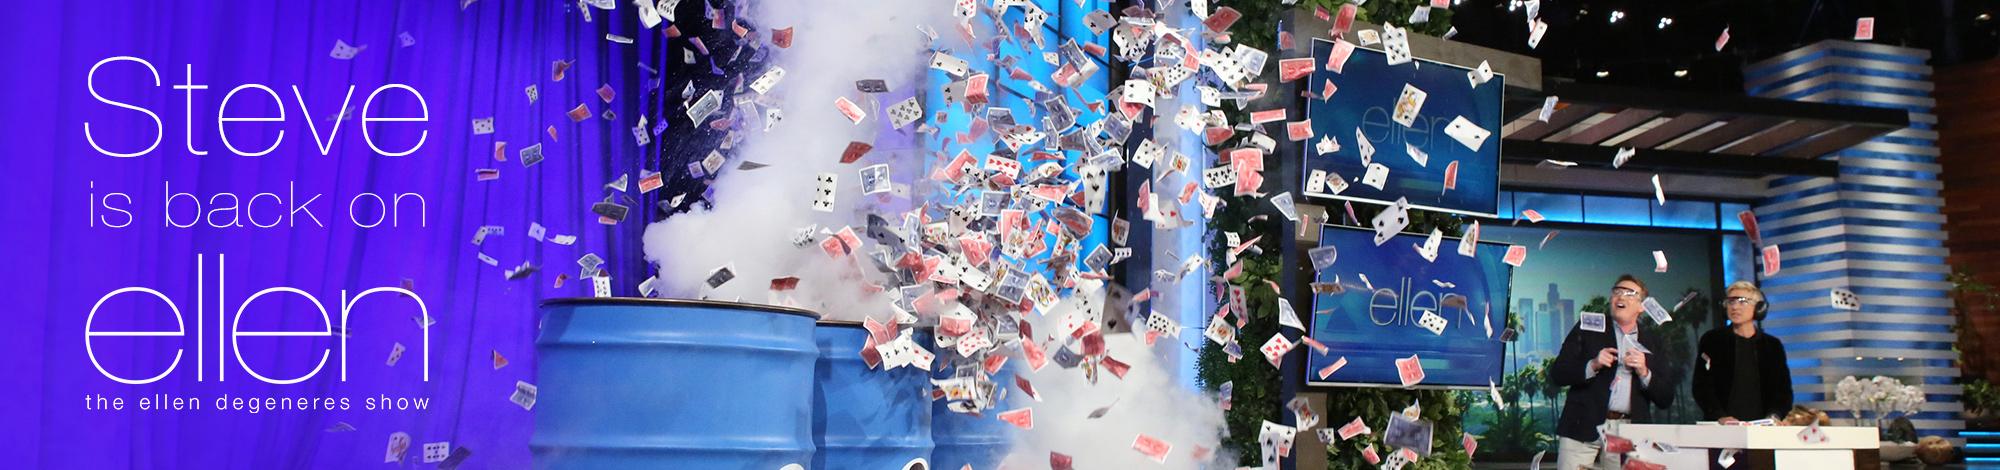 Ellen and Steve Card Trick Banner